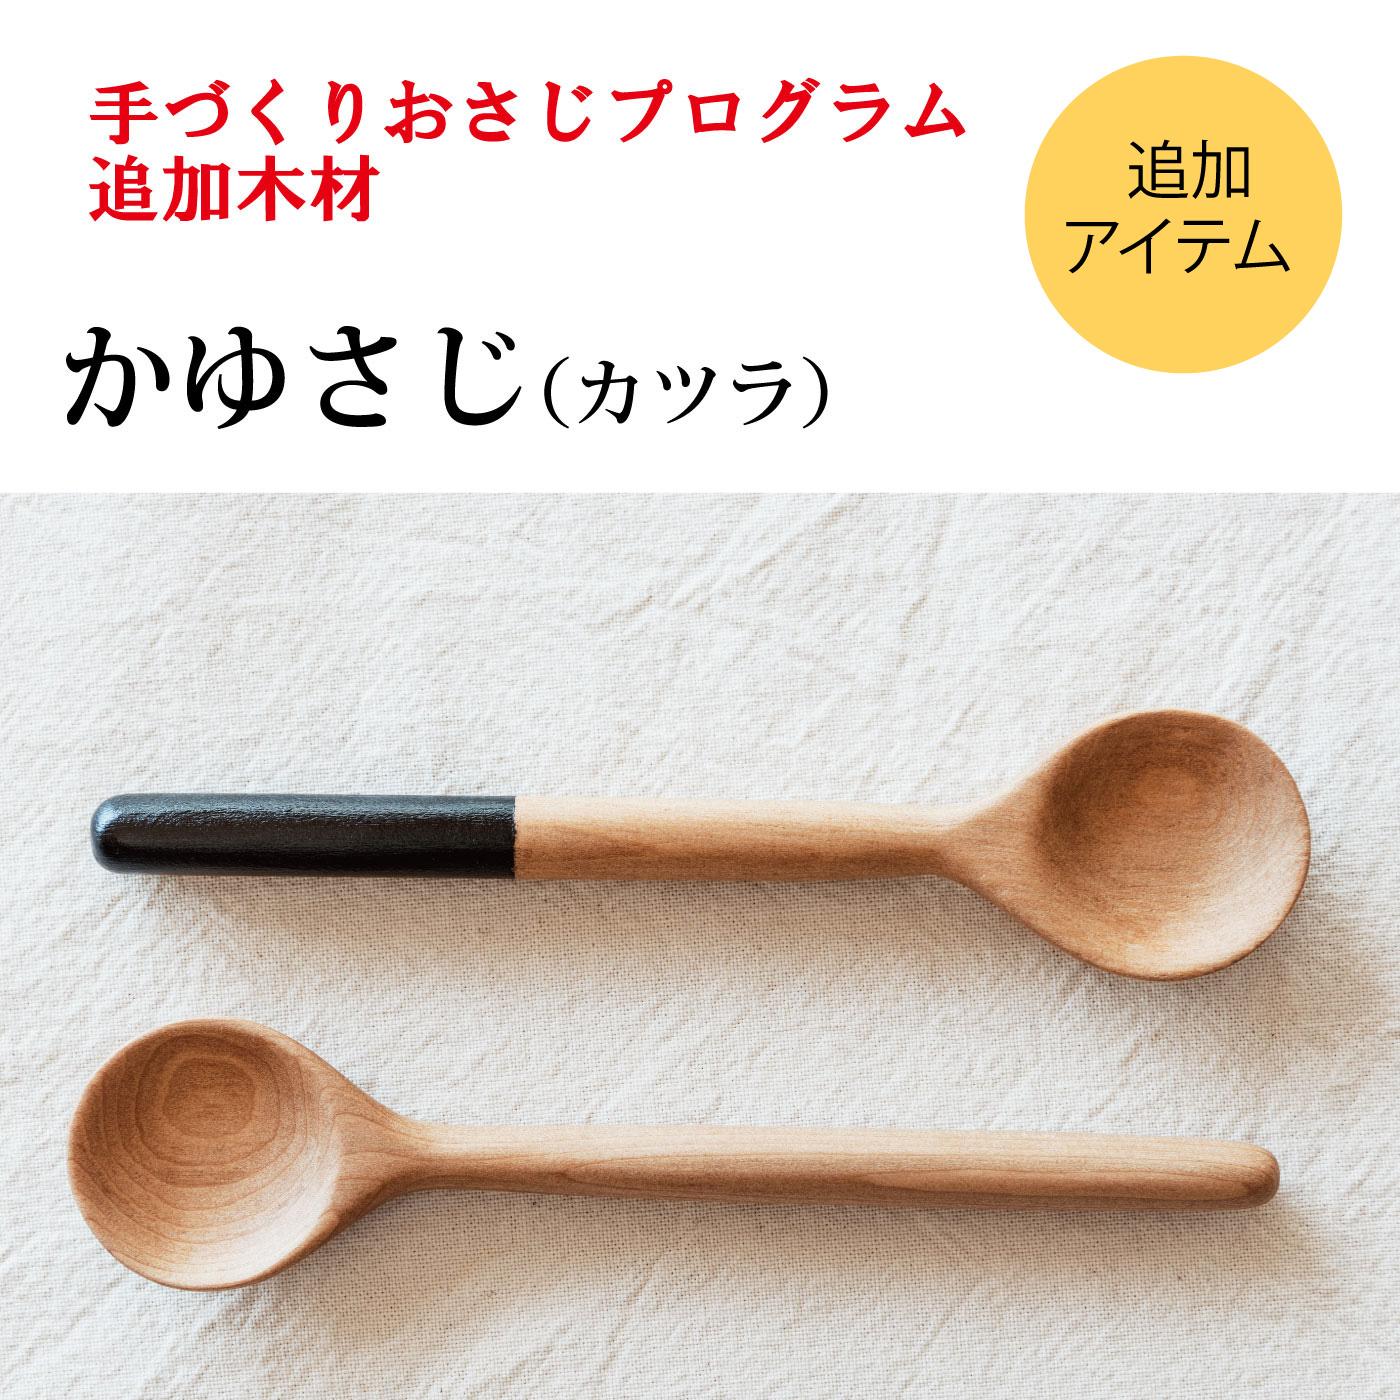 手づくりおさじプログラム 追加購入用木材 かゆさじ(カツラ)